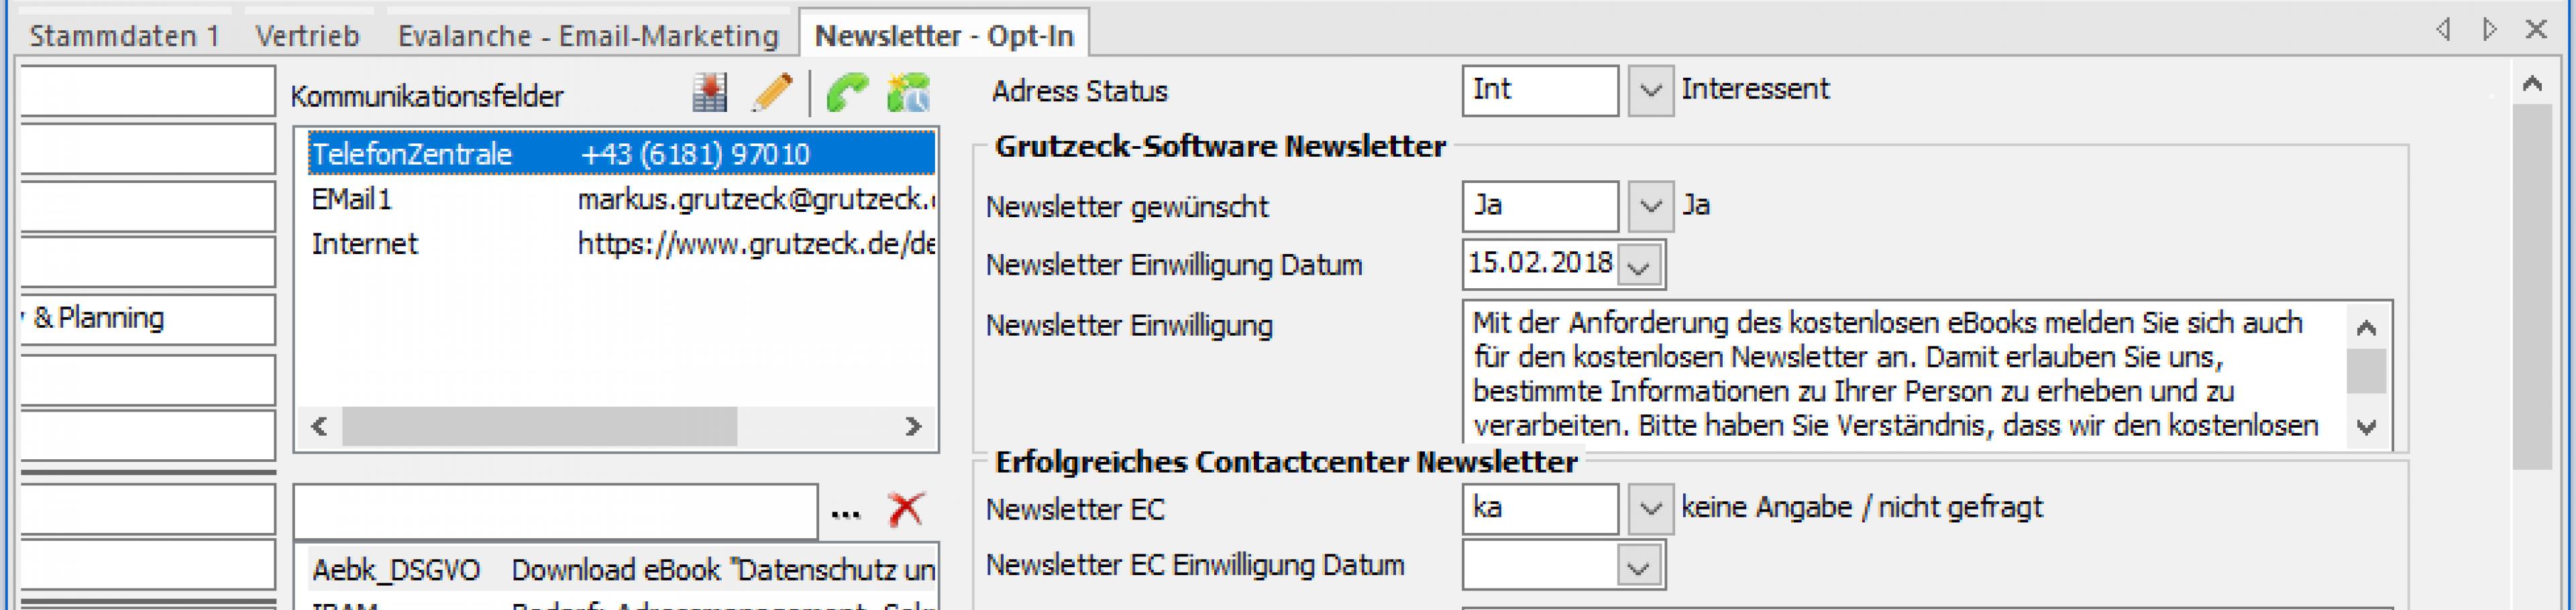 Newsletter Steuerung und Opt-In Verwaltung in CRM Software AG-VIP